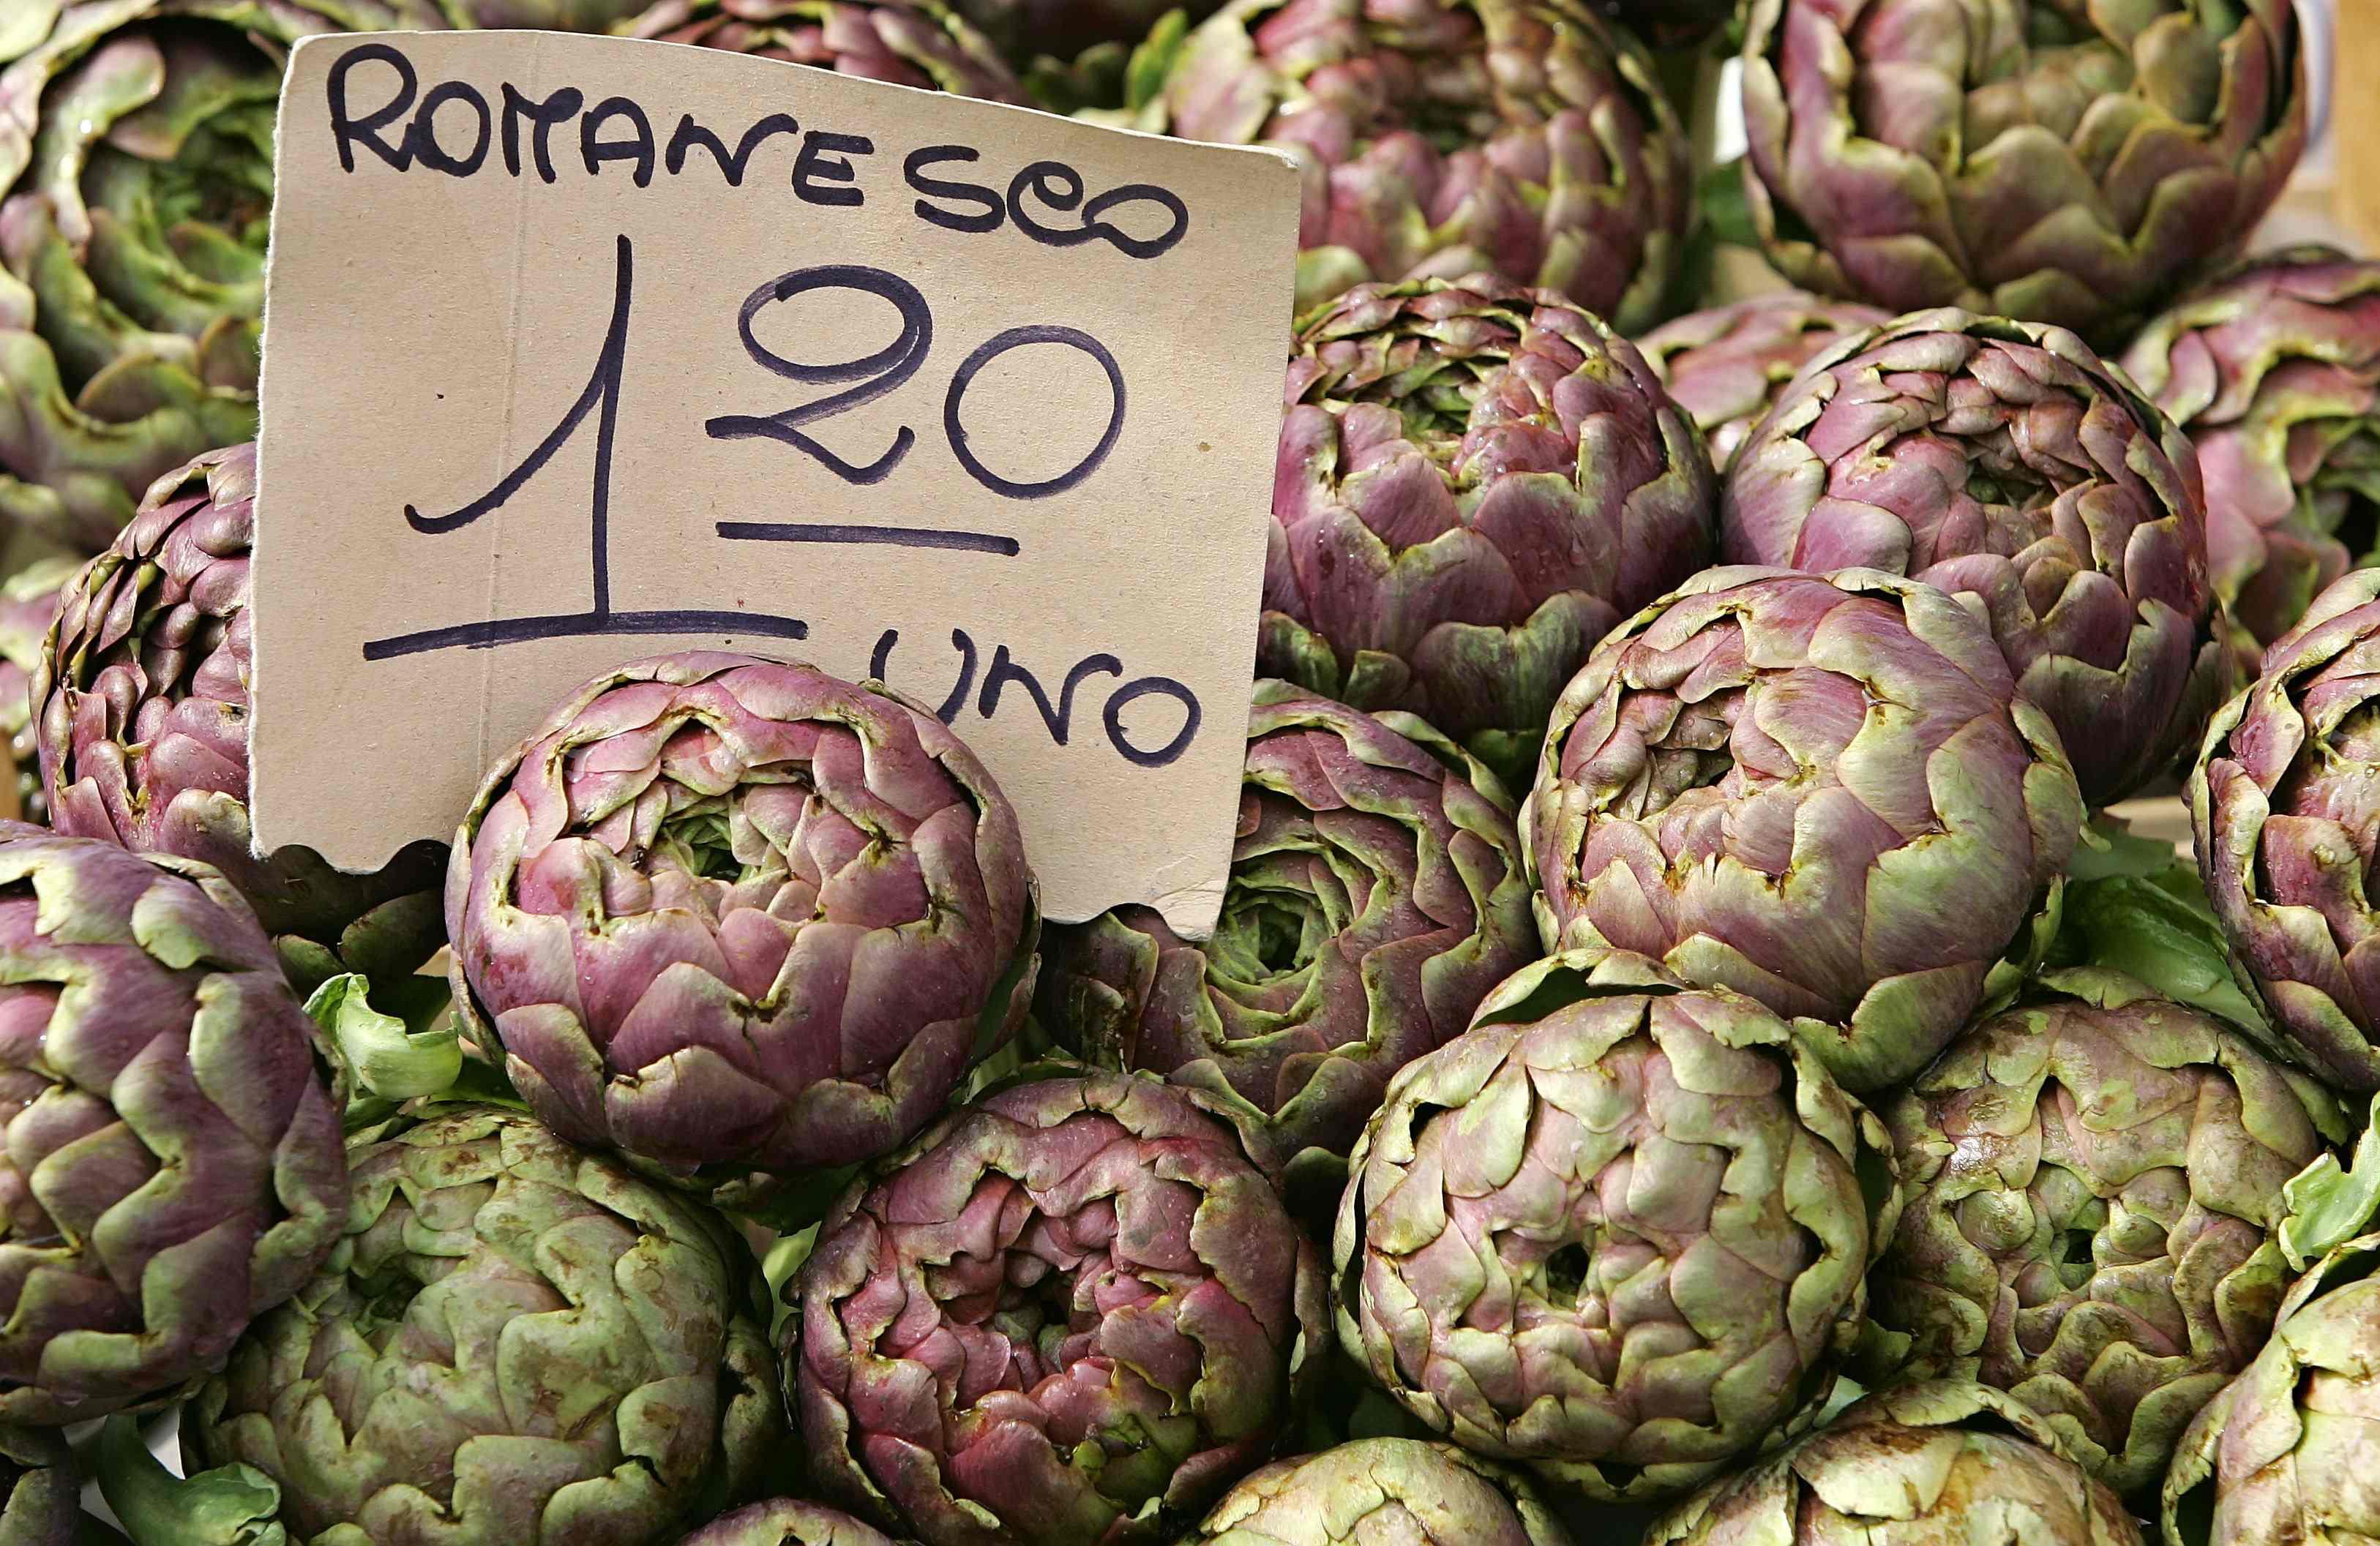 Prezzi in rialzo sui mercati rionali di Roma